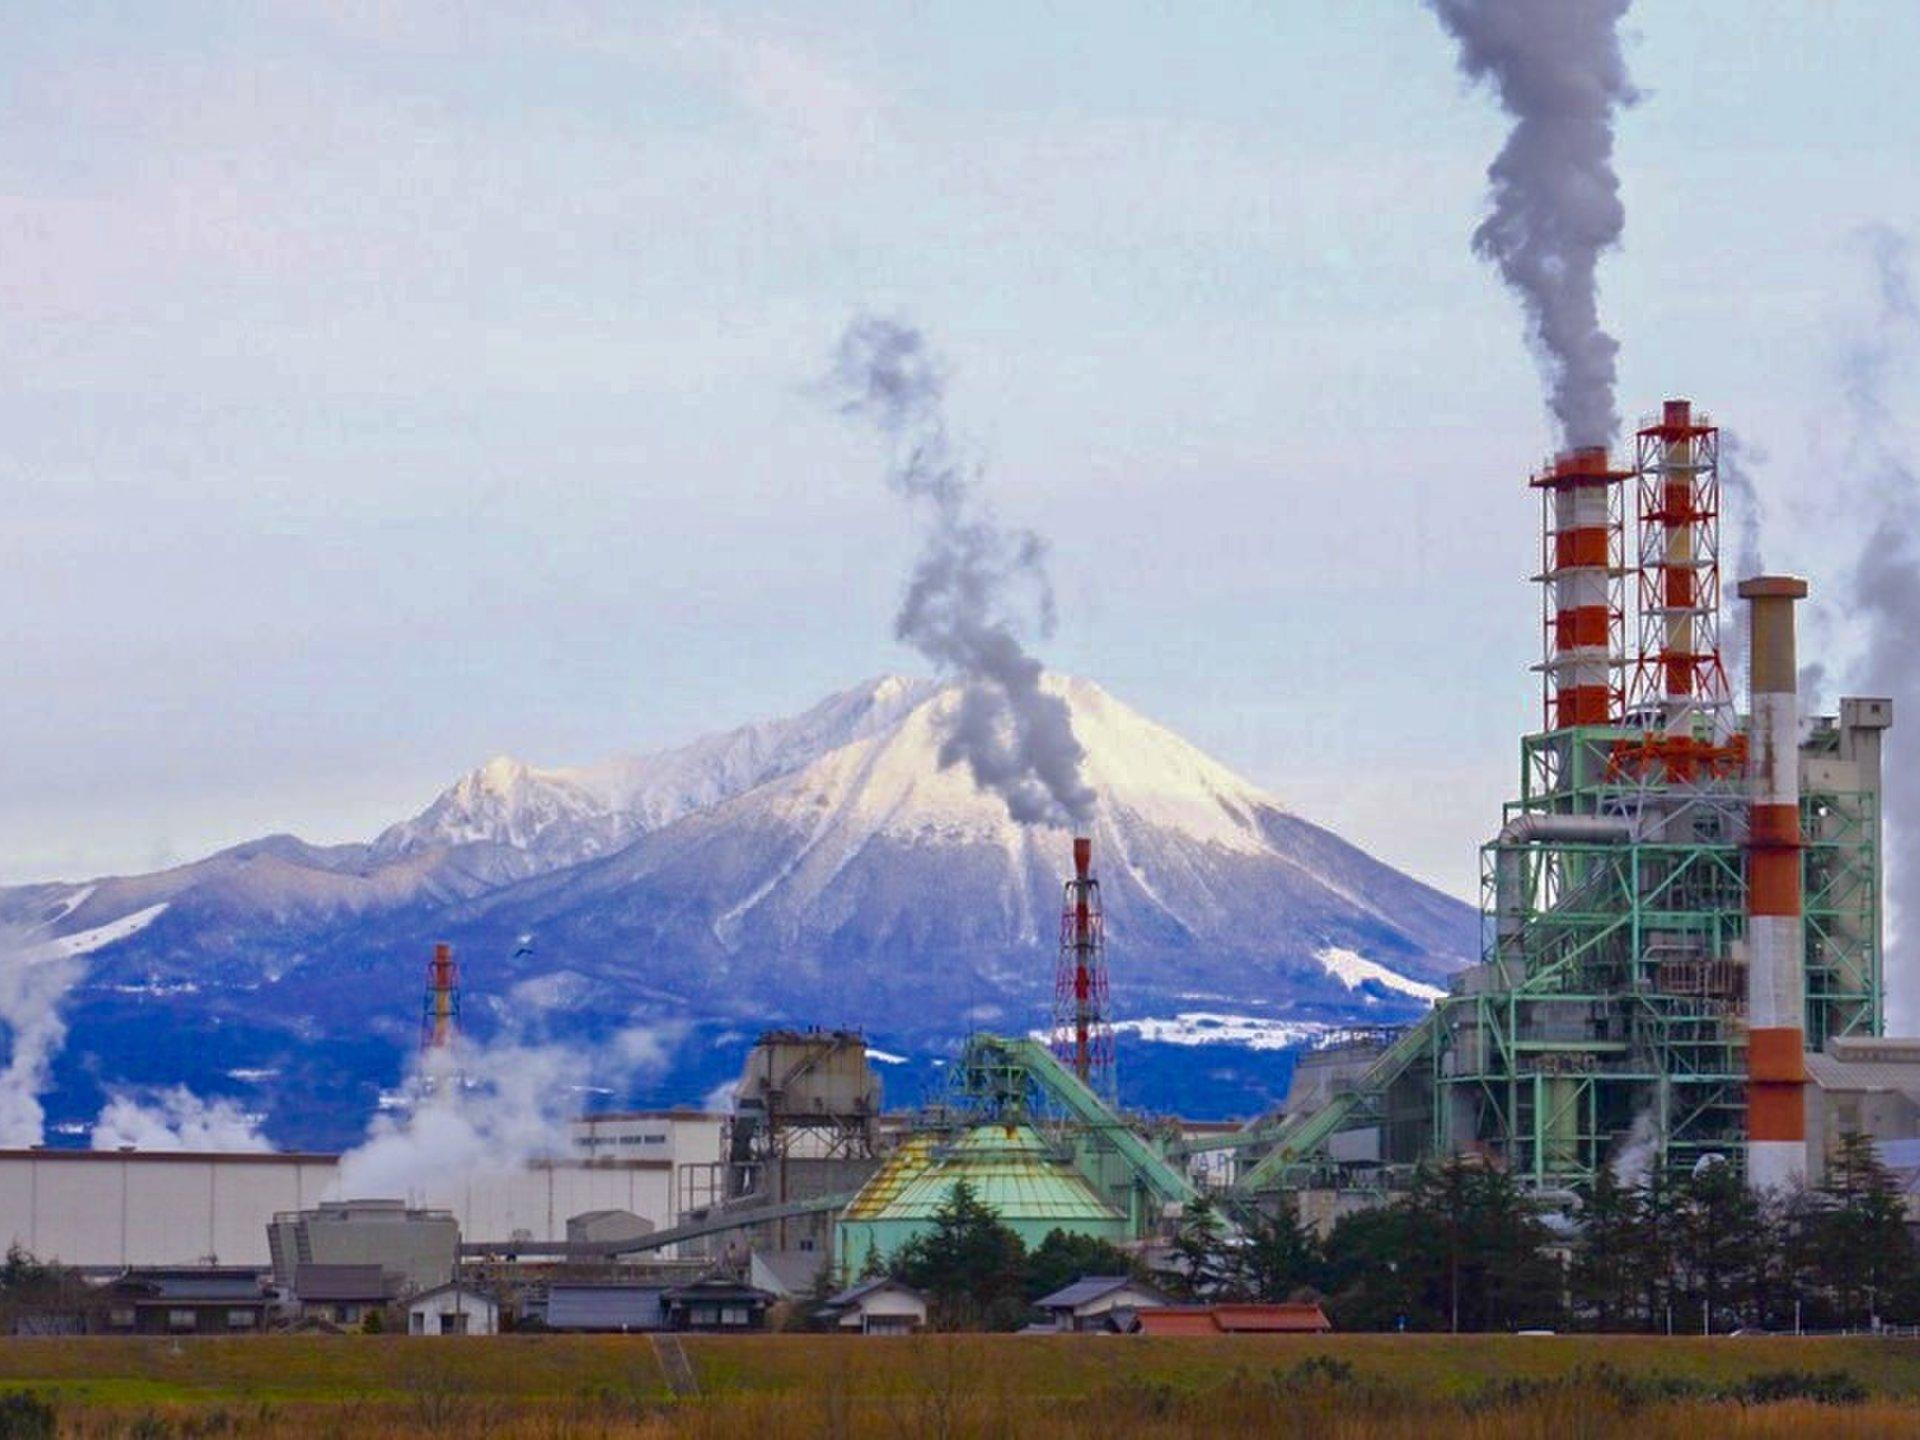 【鳥取県で行きたい】中国地方最高峰の山大山を美しく撮影できるおすすめ写真スポット